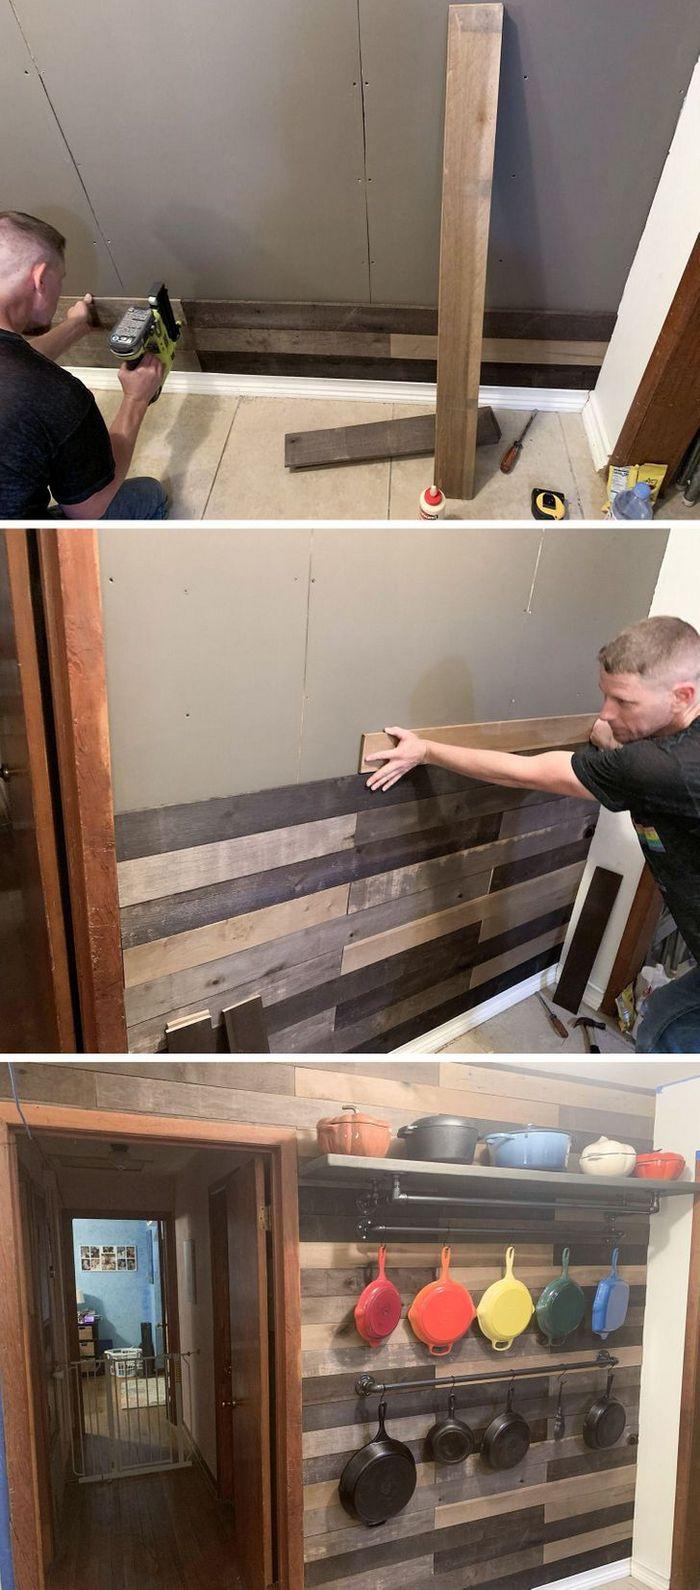 25 pessoas que reformaram a casa com as próprias mãos e arrasaram 6